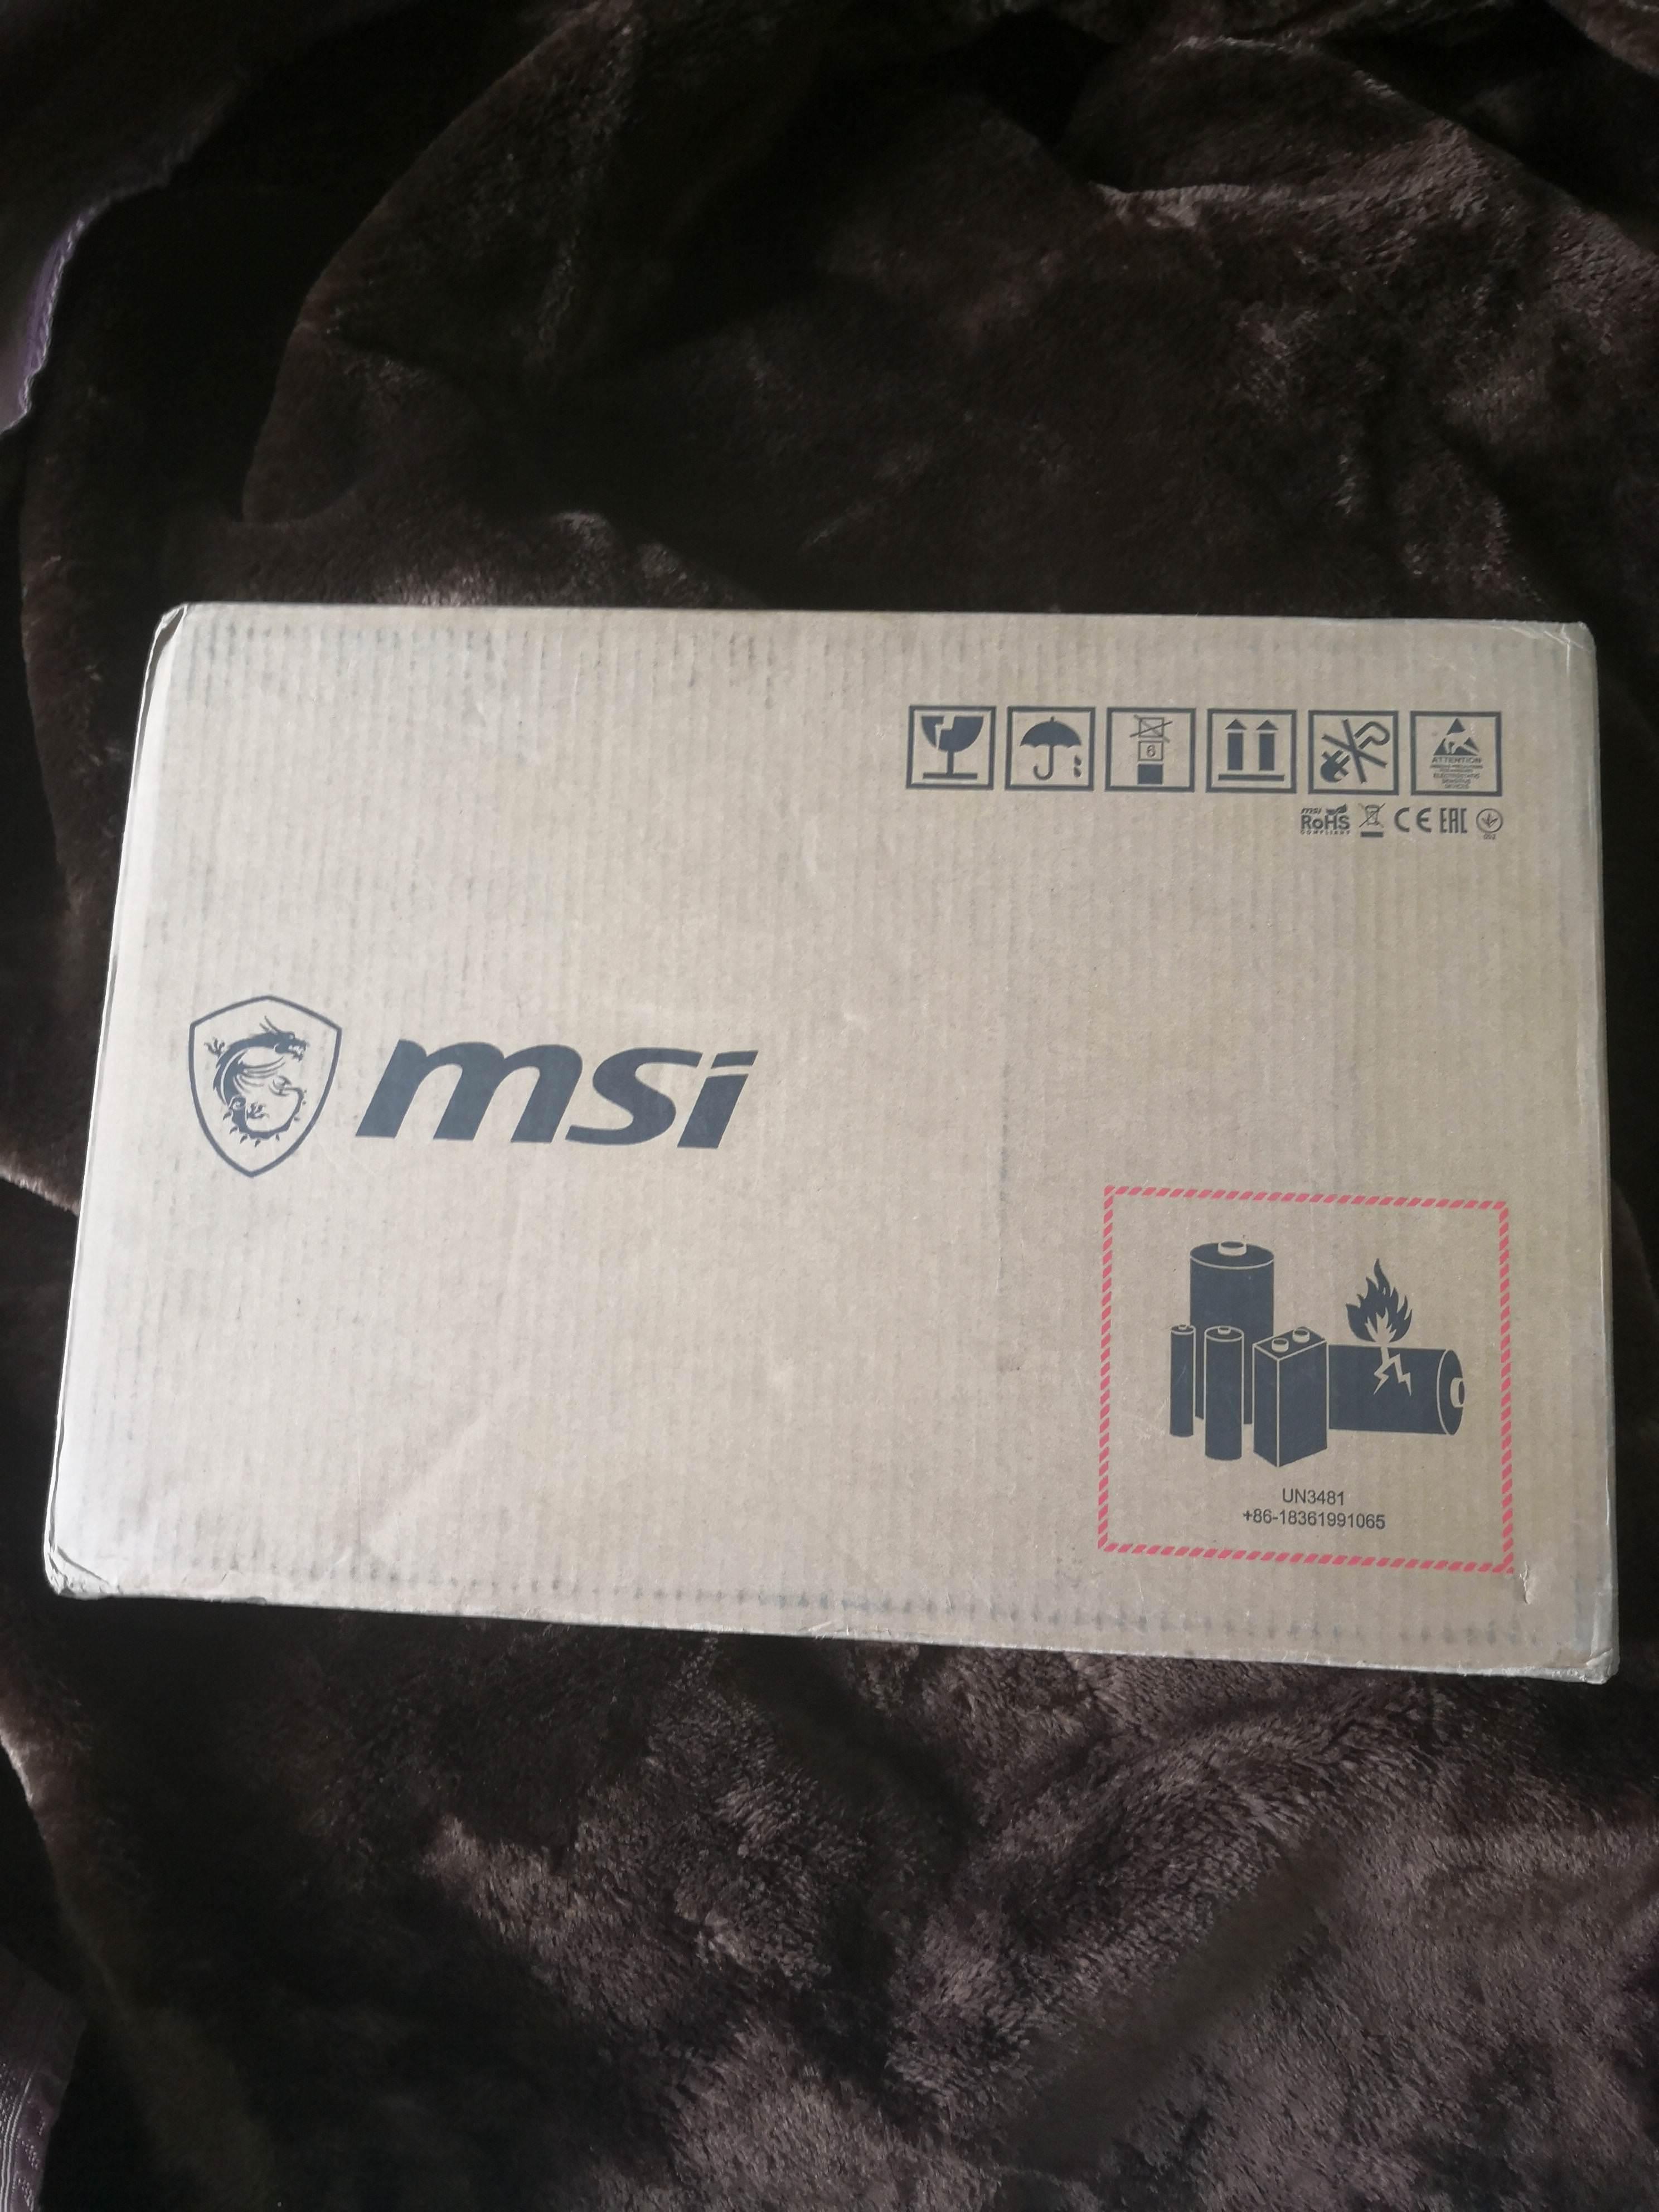 تجربة شراء جهاز لاب توب laptop من موقع التسوق الإلكتروني newegg5